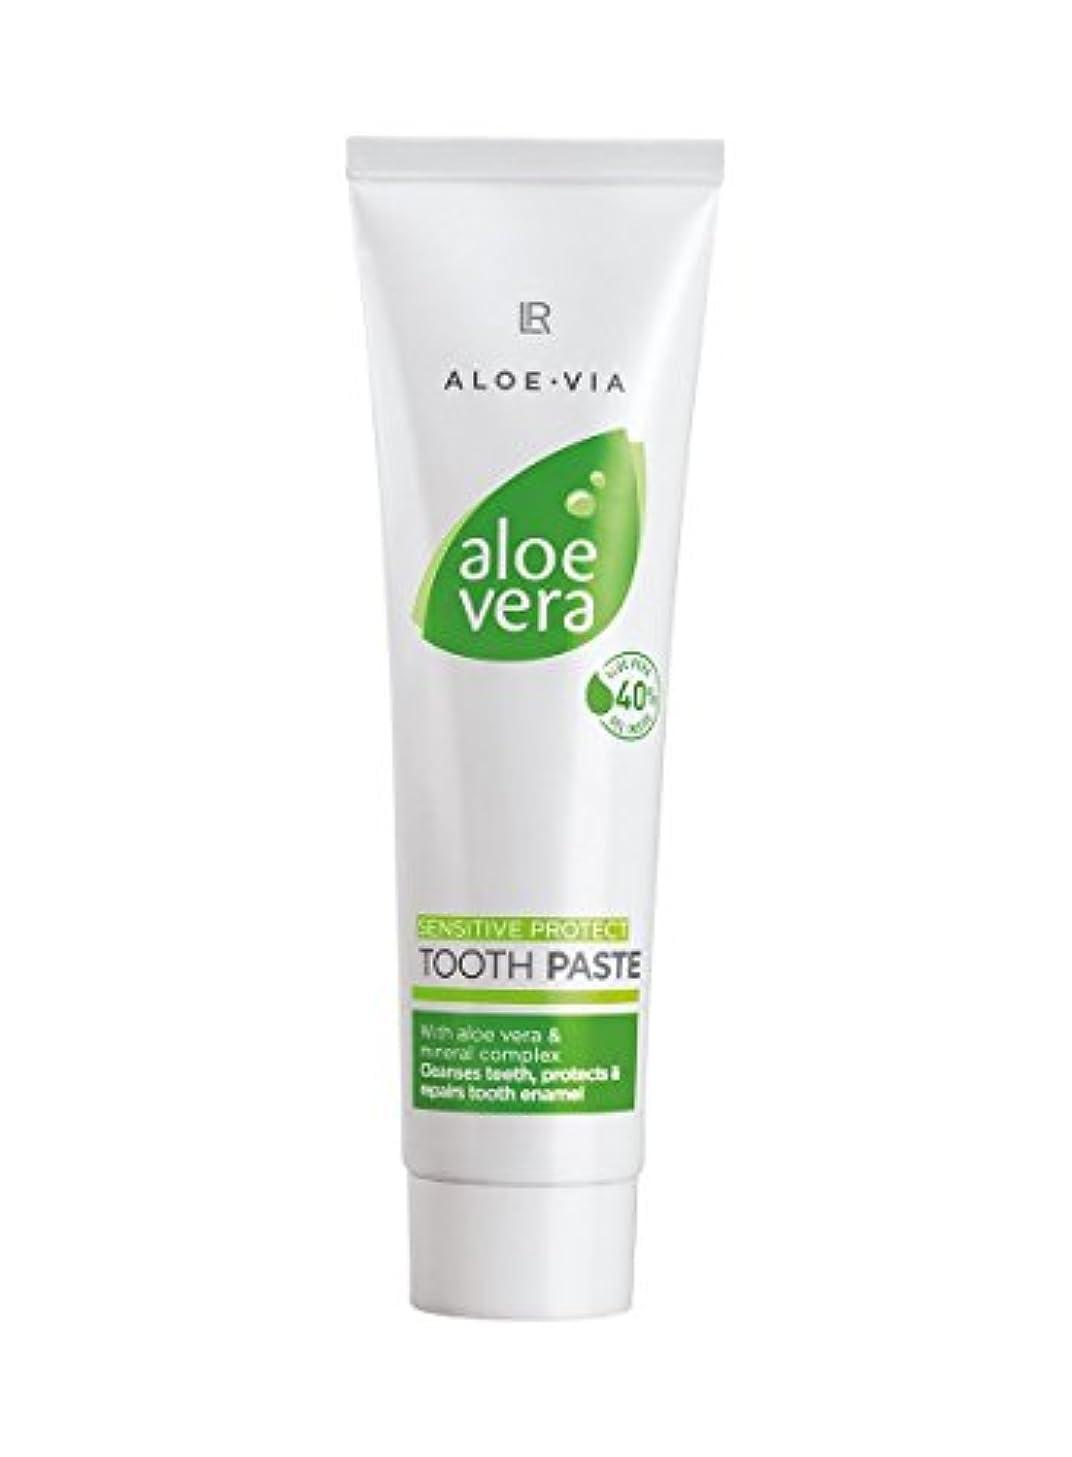 これら月曜アレルギー性L R アロエベラトゥースジェルセンシティブ歯磨き100mLの活性歯科用洗浄は、歯のエナメル質の保護は、特別に敏感な歯のために処方さ